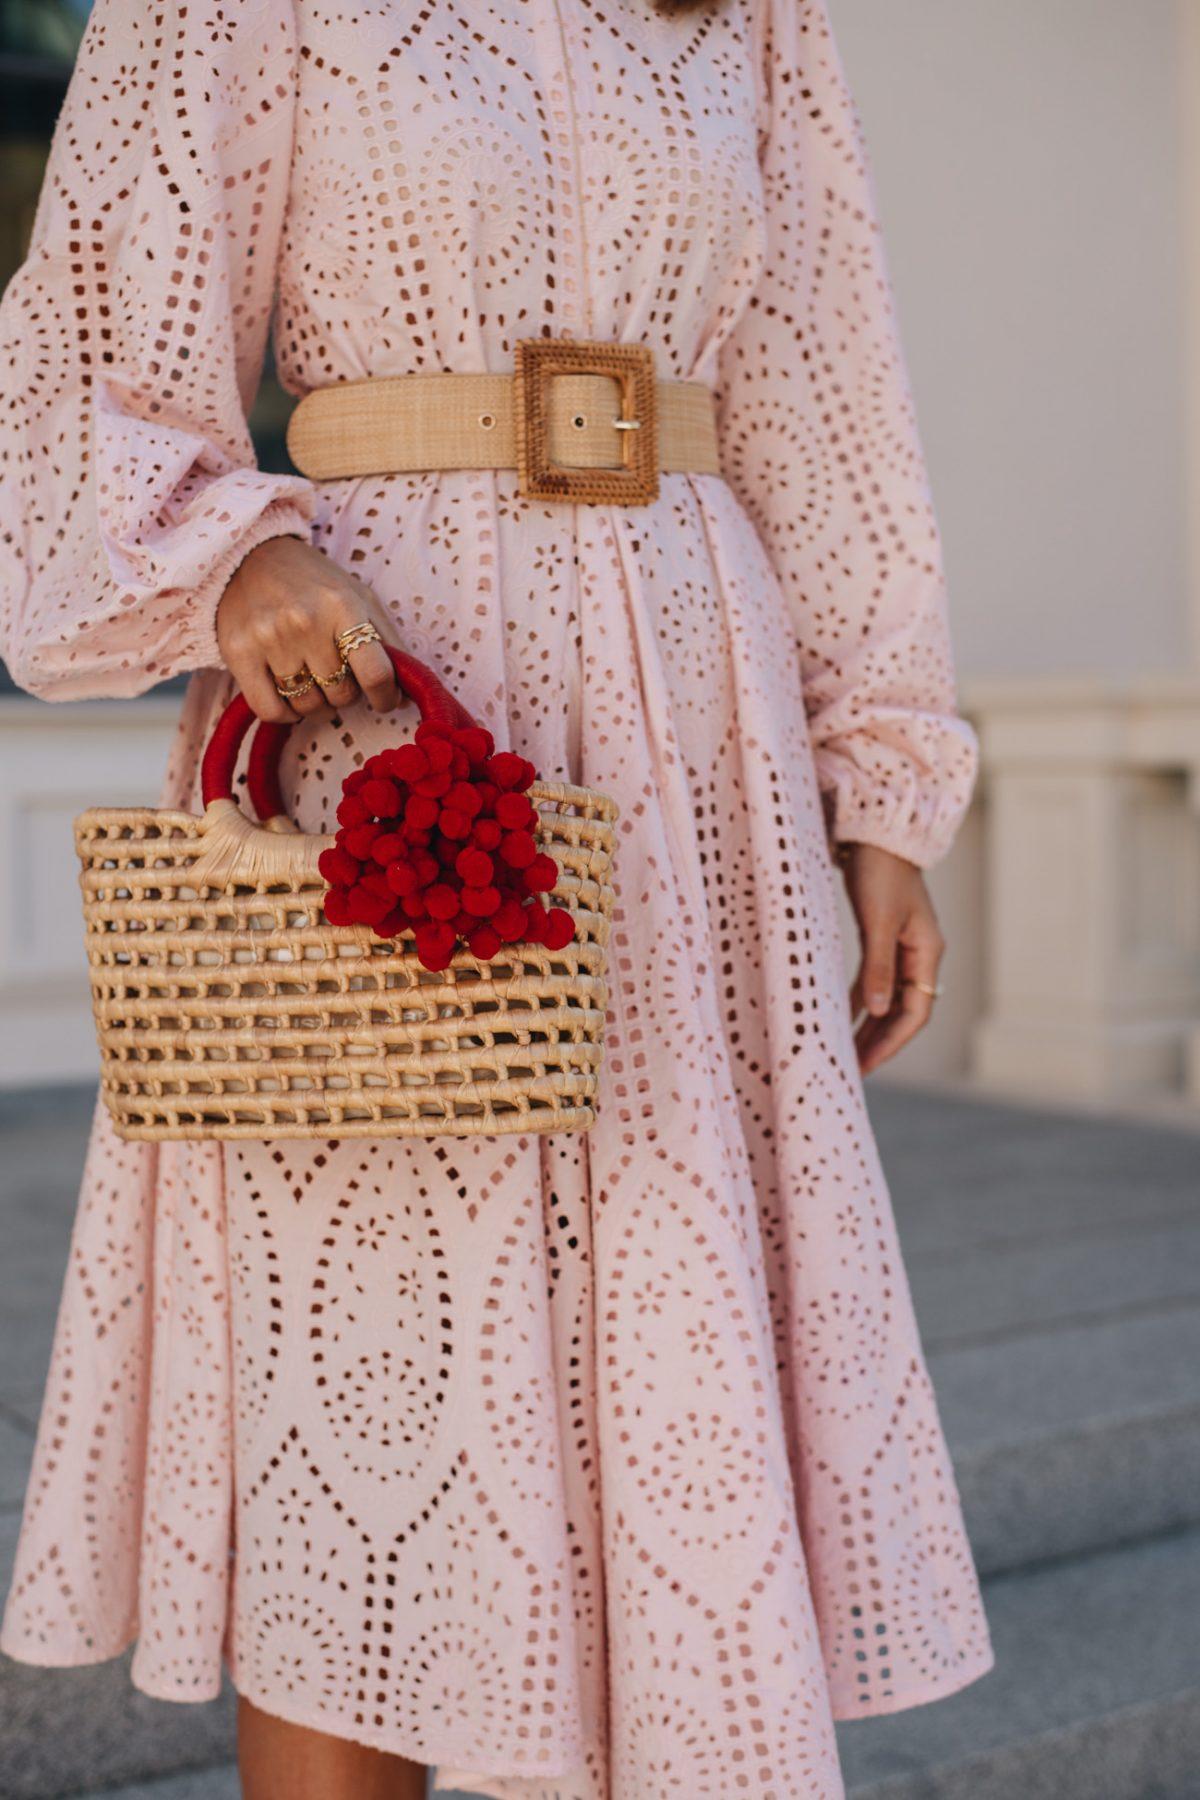 Das sind die schönsten erschwinglichen Handtaschen unter 150 Euro